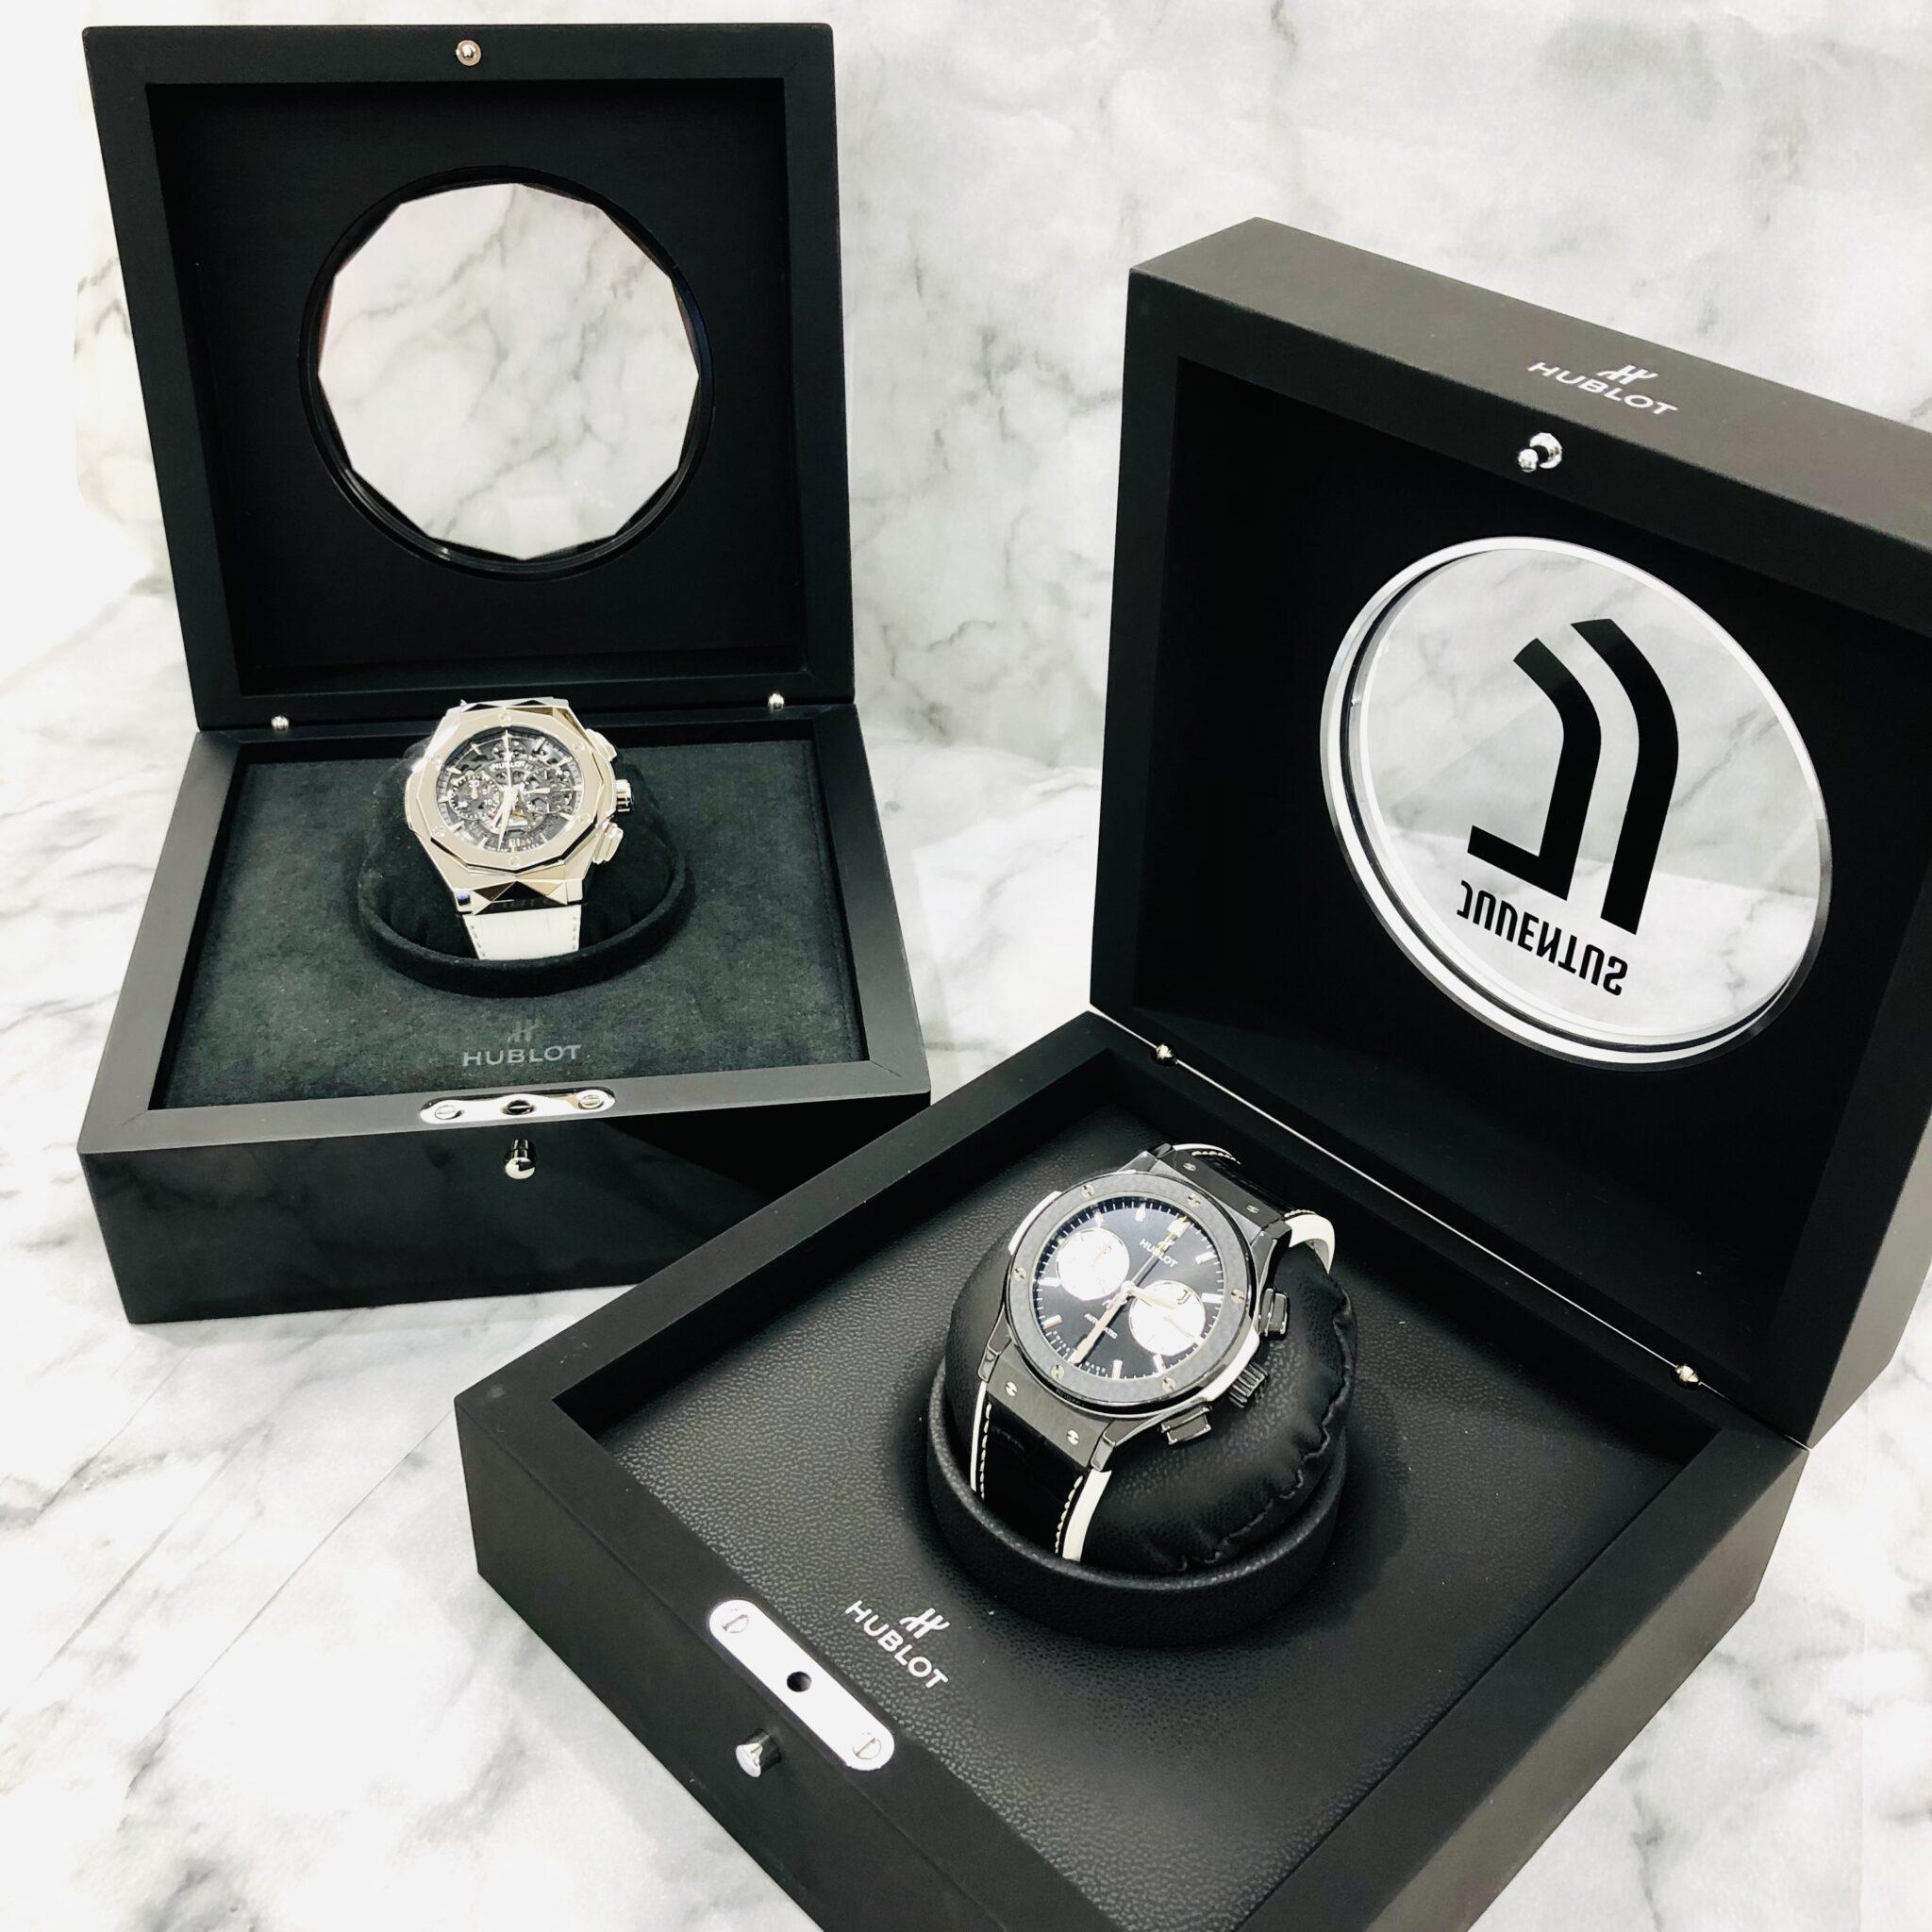 【時計 販売 盛岡】クラシカルで高級感溢れる腕時計『HUBLOT ウブロ』